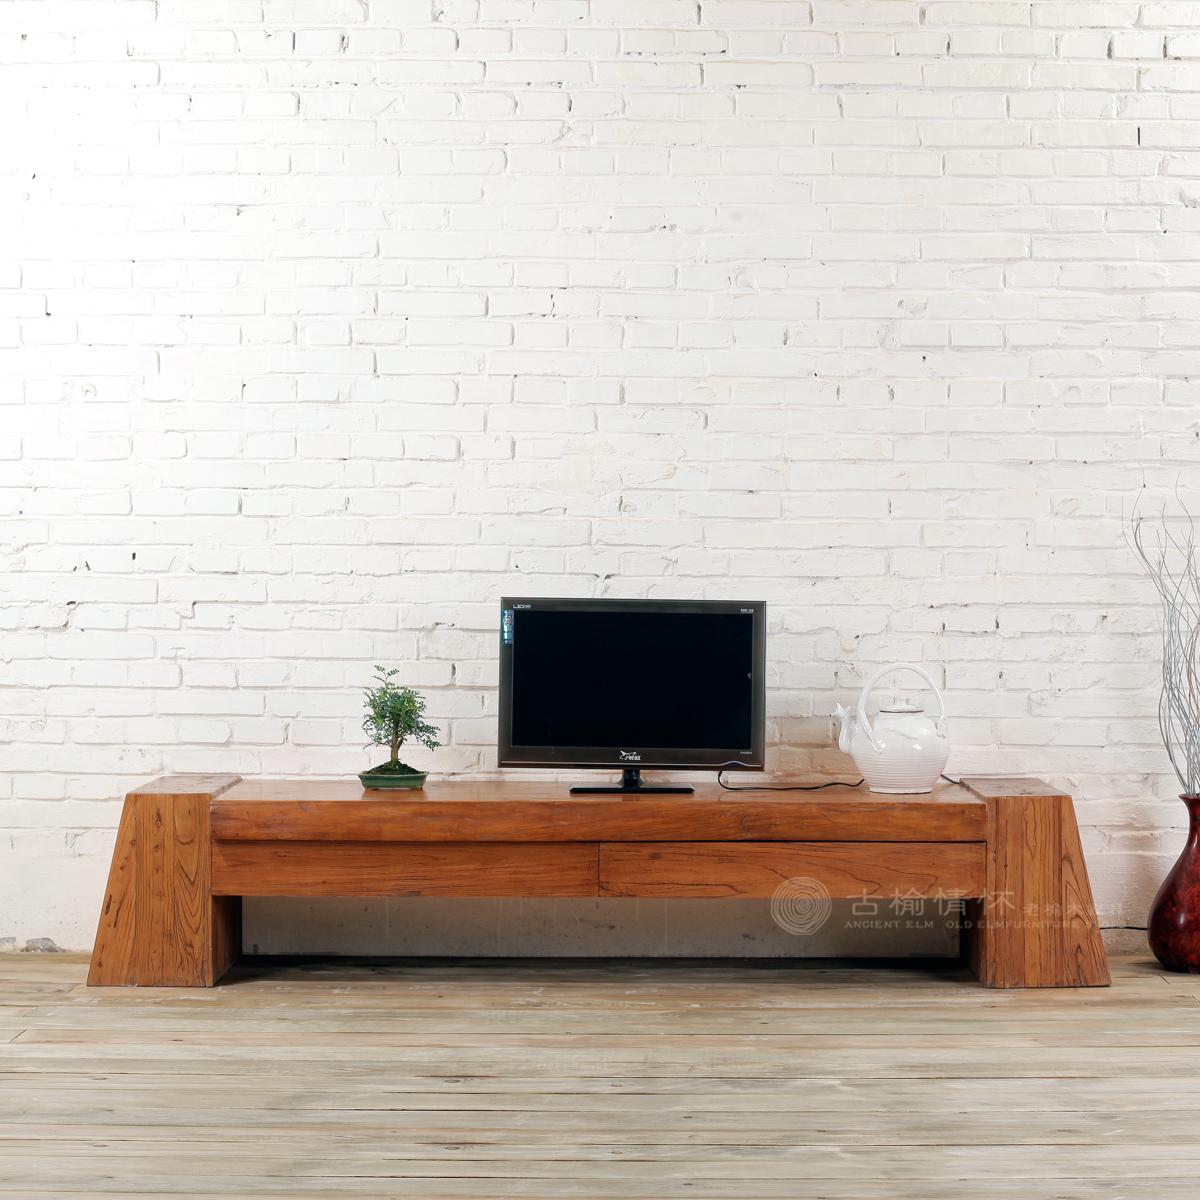 古榆情怀老榆木家具韩式田园实木电视柜简约现代厚重